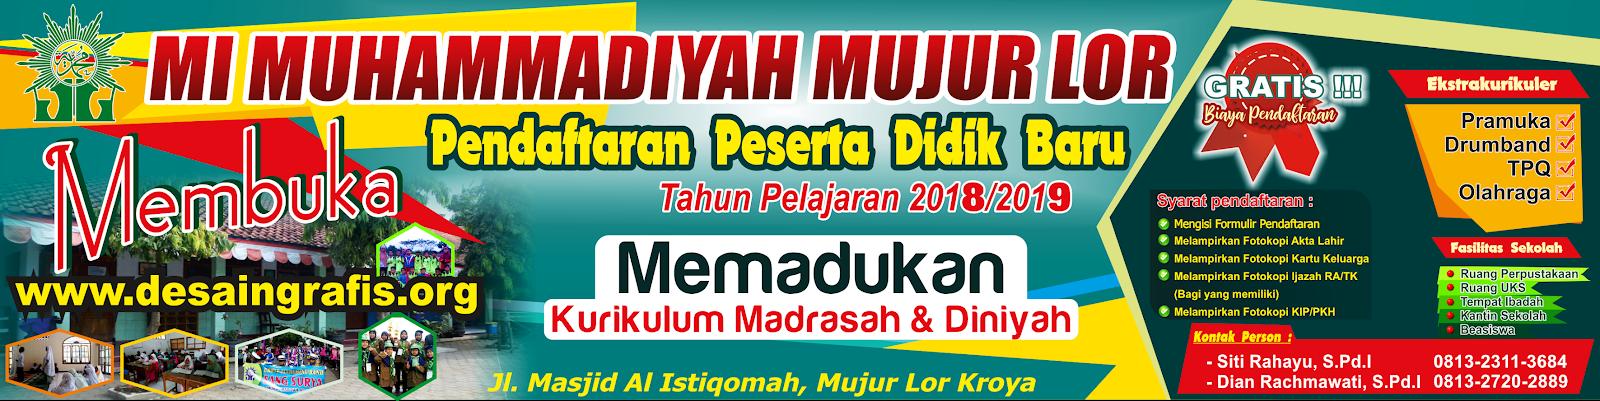 Desain Banner PPDB cdr   Kumpulan Desain Grafis CorelDraw